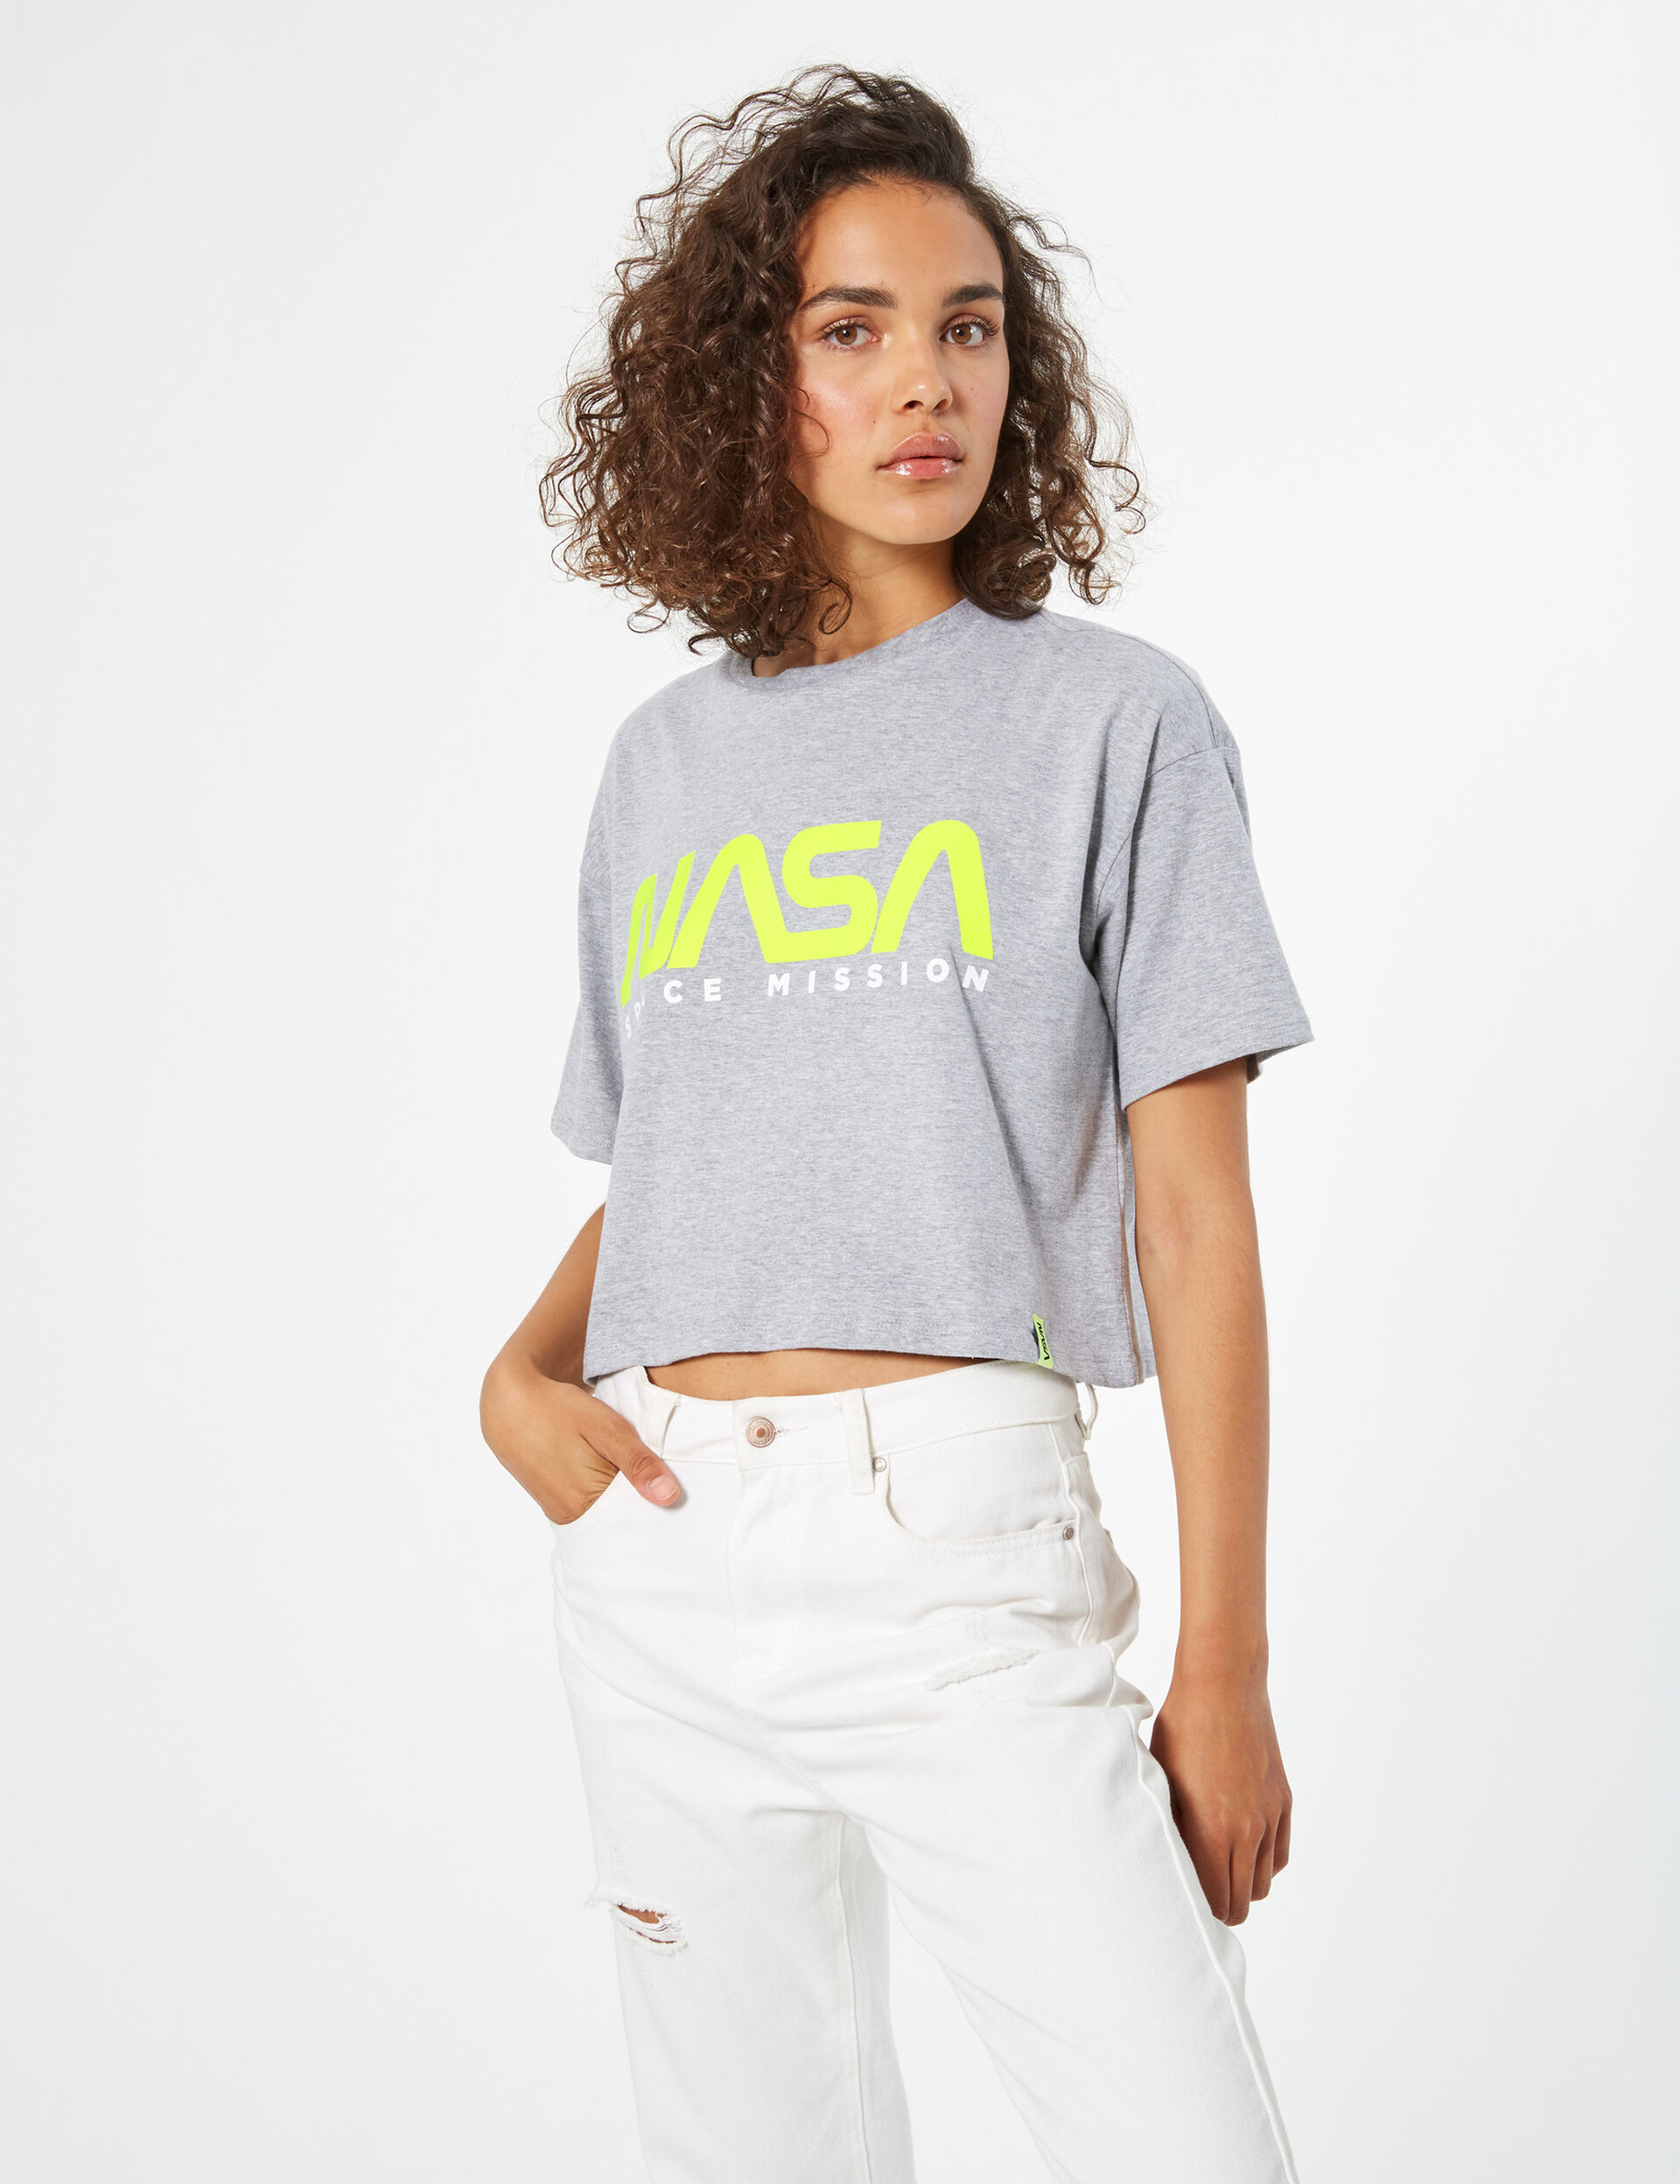 Tee-shirt crop NASA gris et jaune fluo